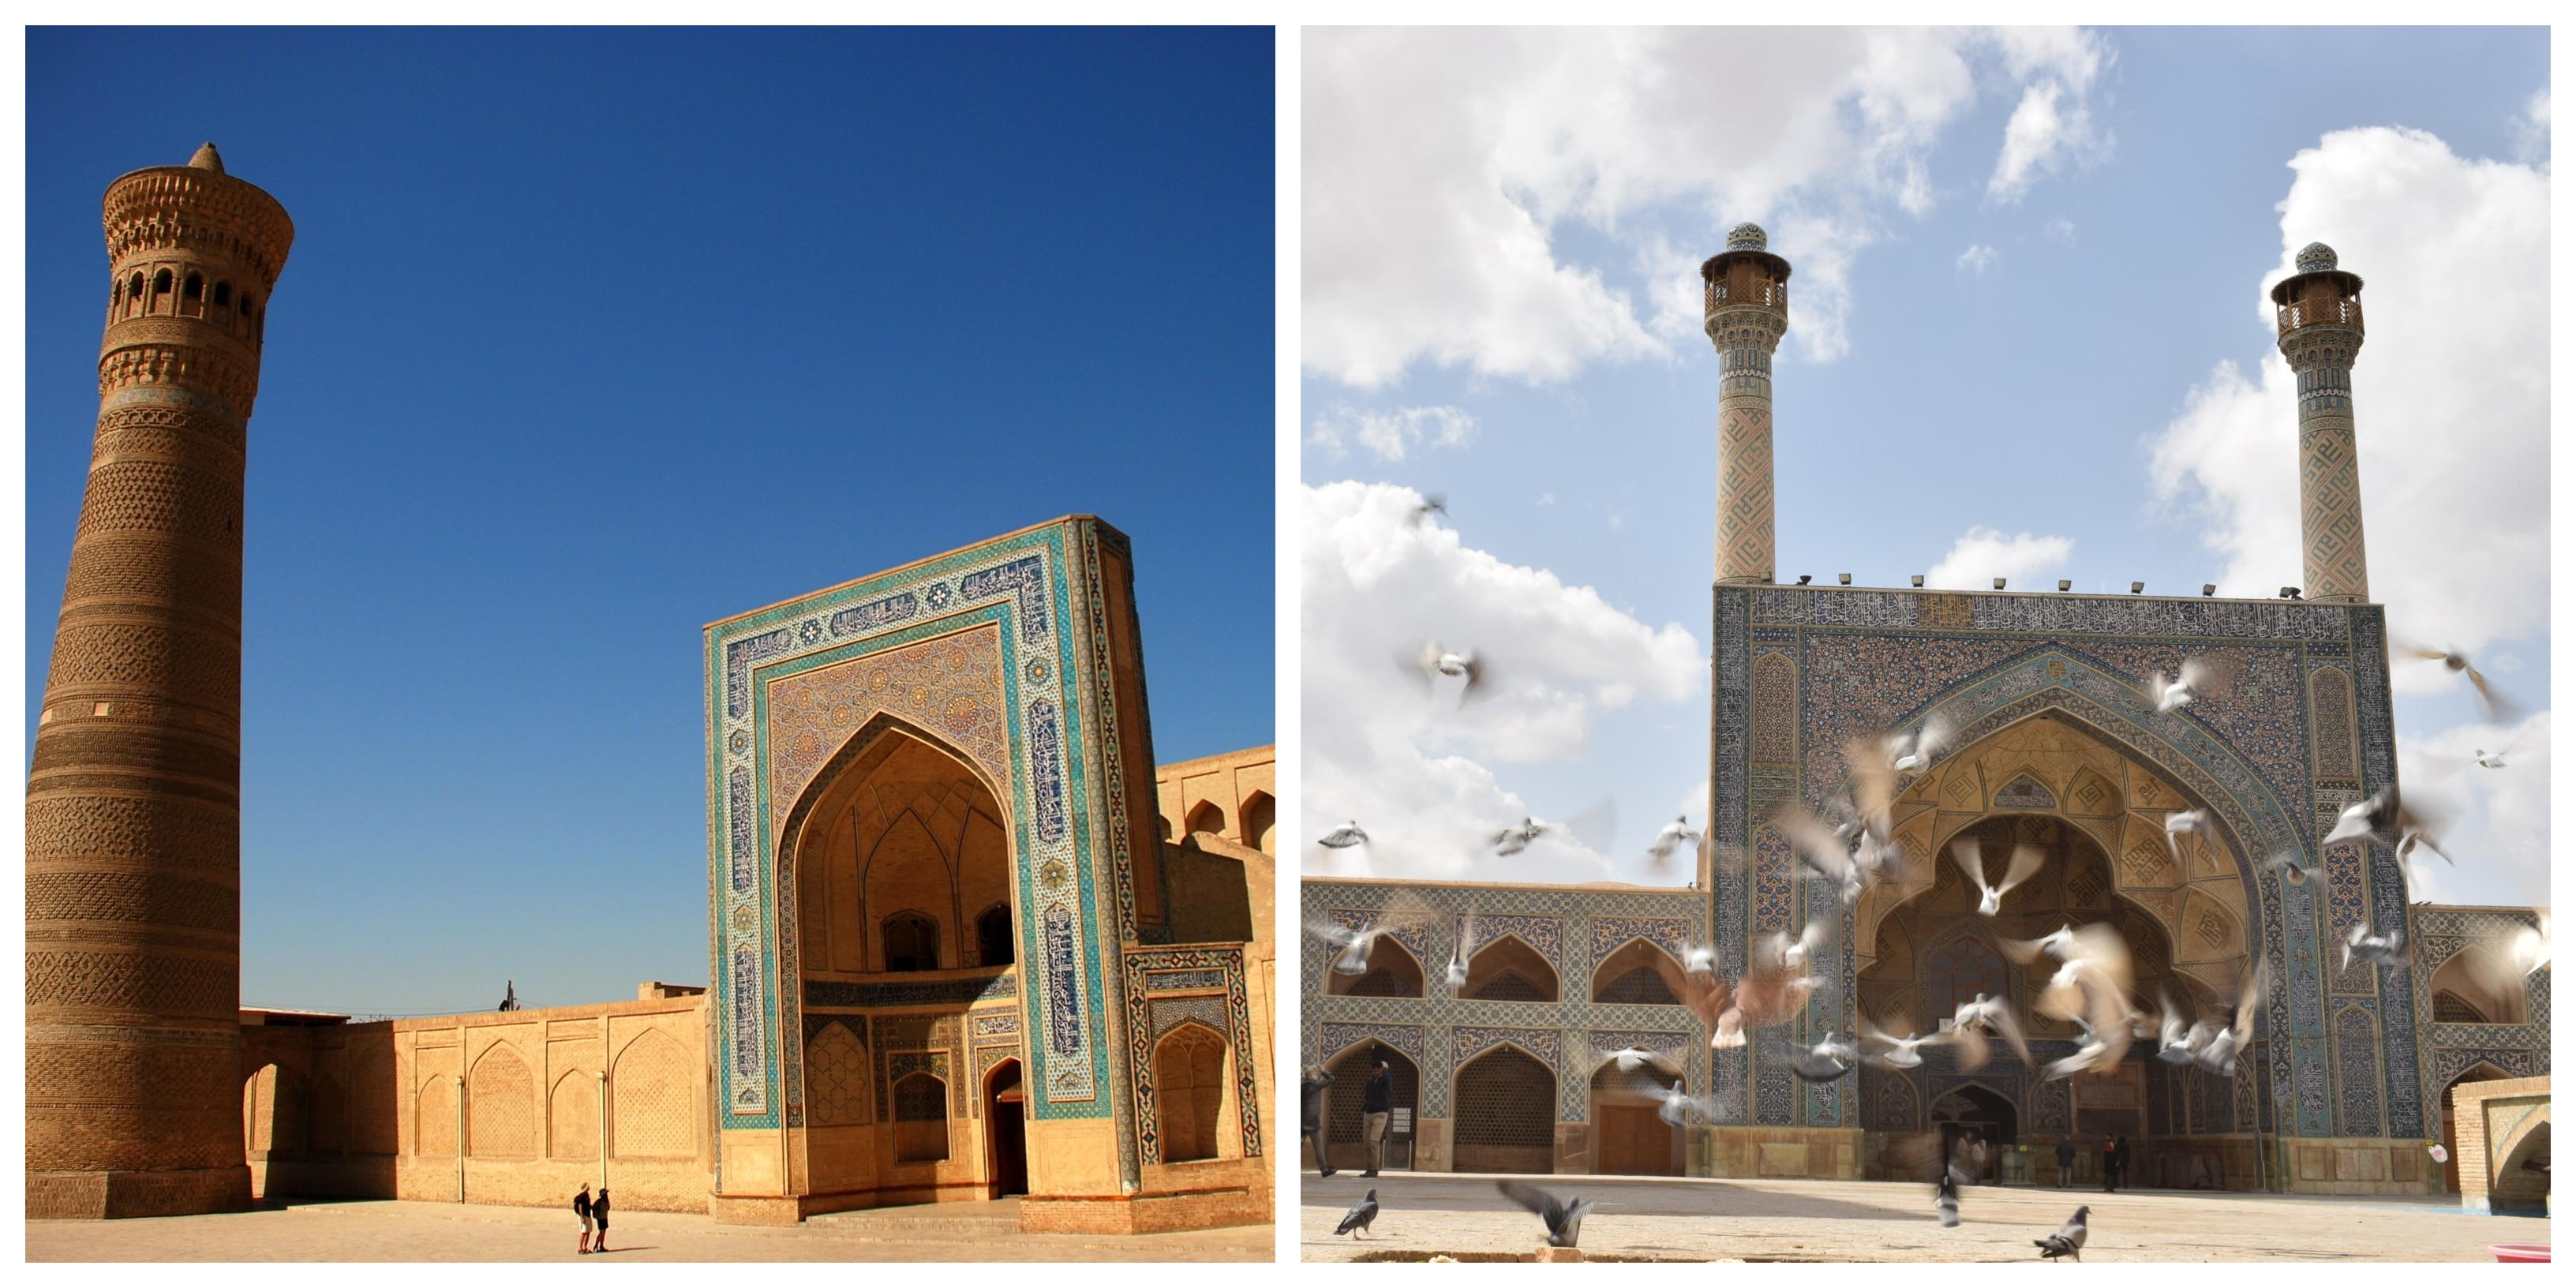 Қай сурет Өзбекстанда түсірілген?